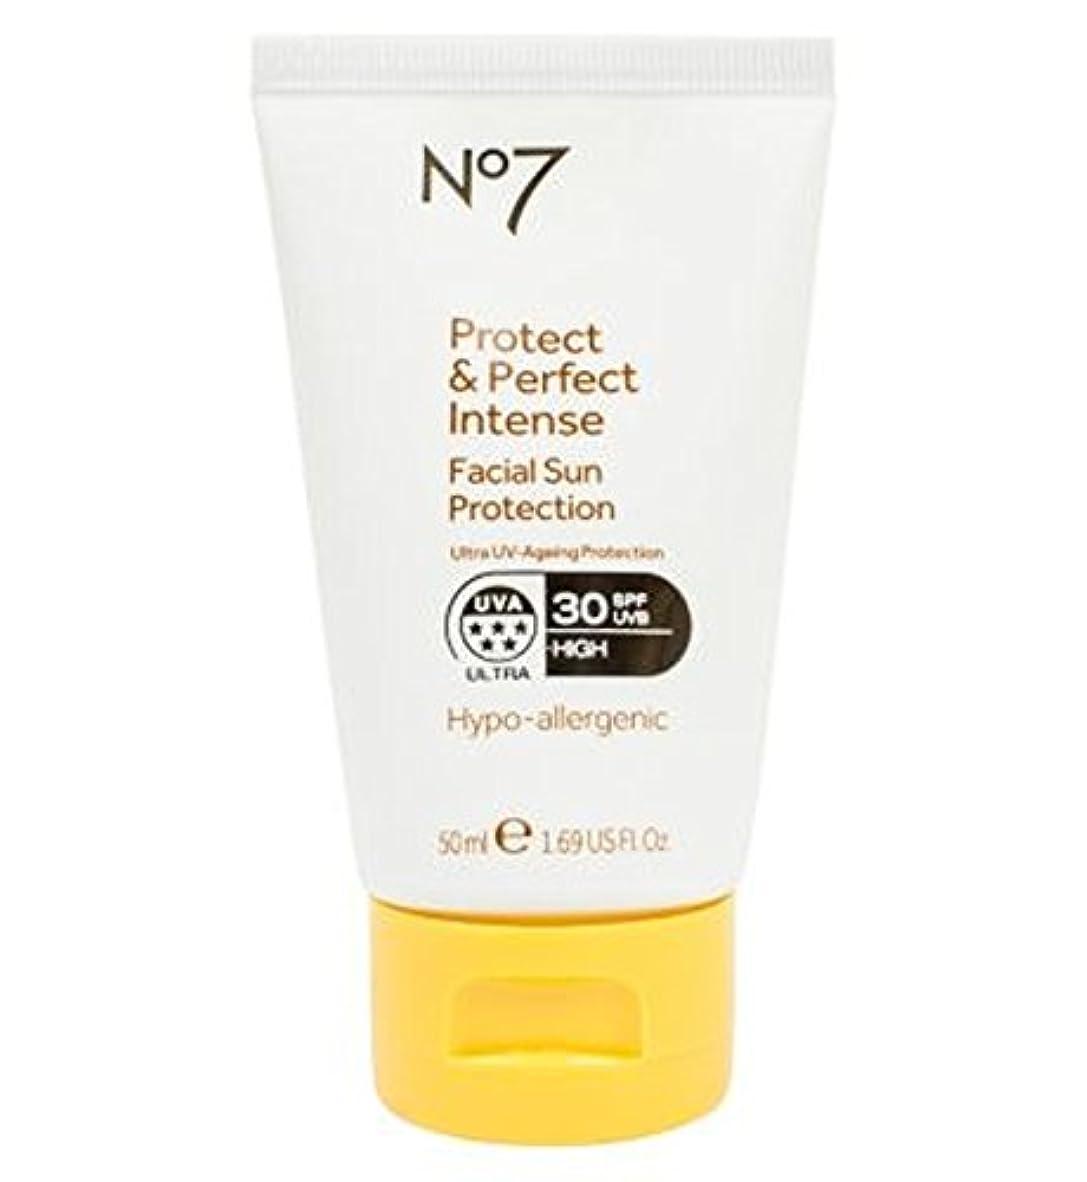 要件報酬パイルNo7保護&完璧な強烈な顔の日焼け防止Spf 30 50ミリリットル (No7) (x2) - No7 Protect & Perfect Intense Facial Sun Protection SPF 30 50ml...